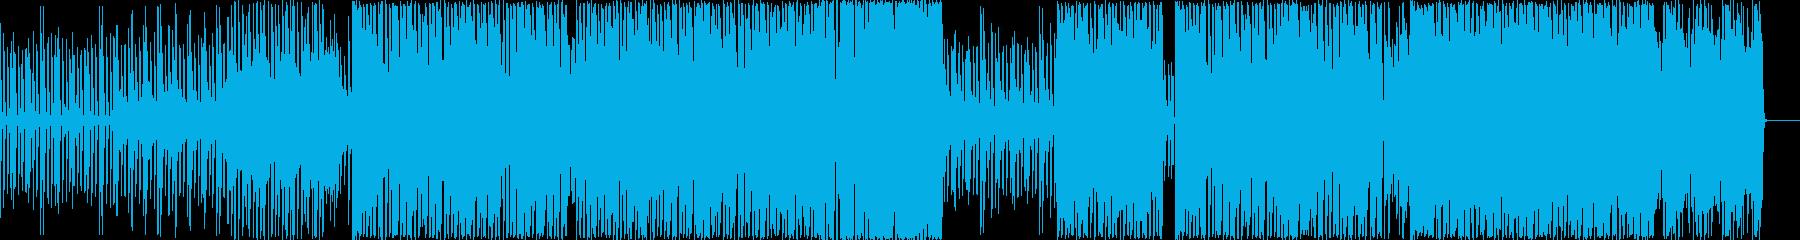 シリアスなメロディーのロックサウンドの再生済みの波形